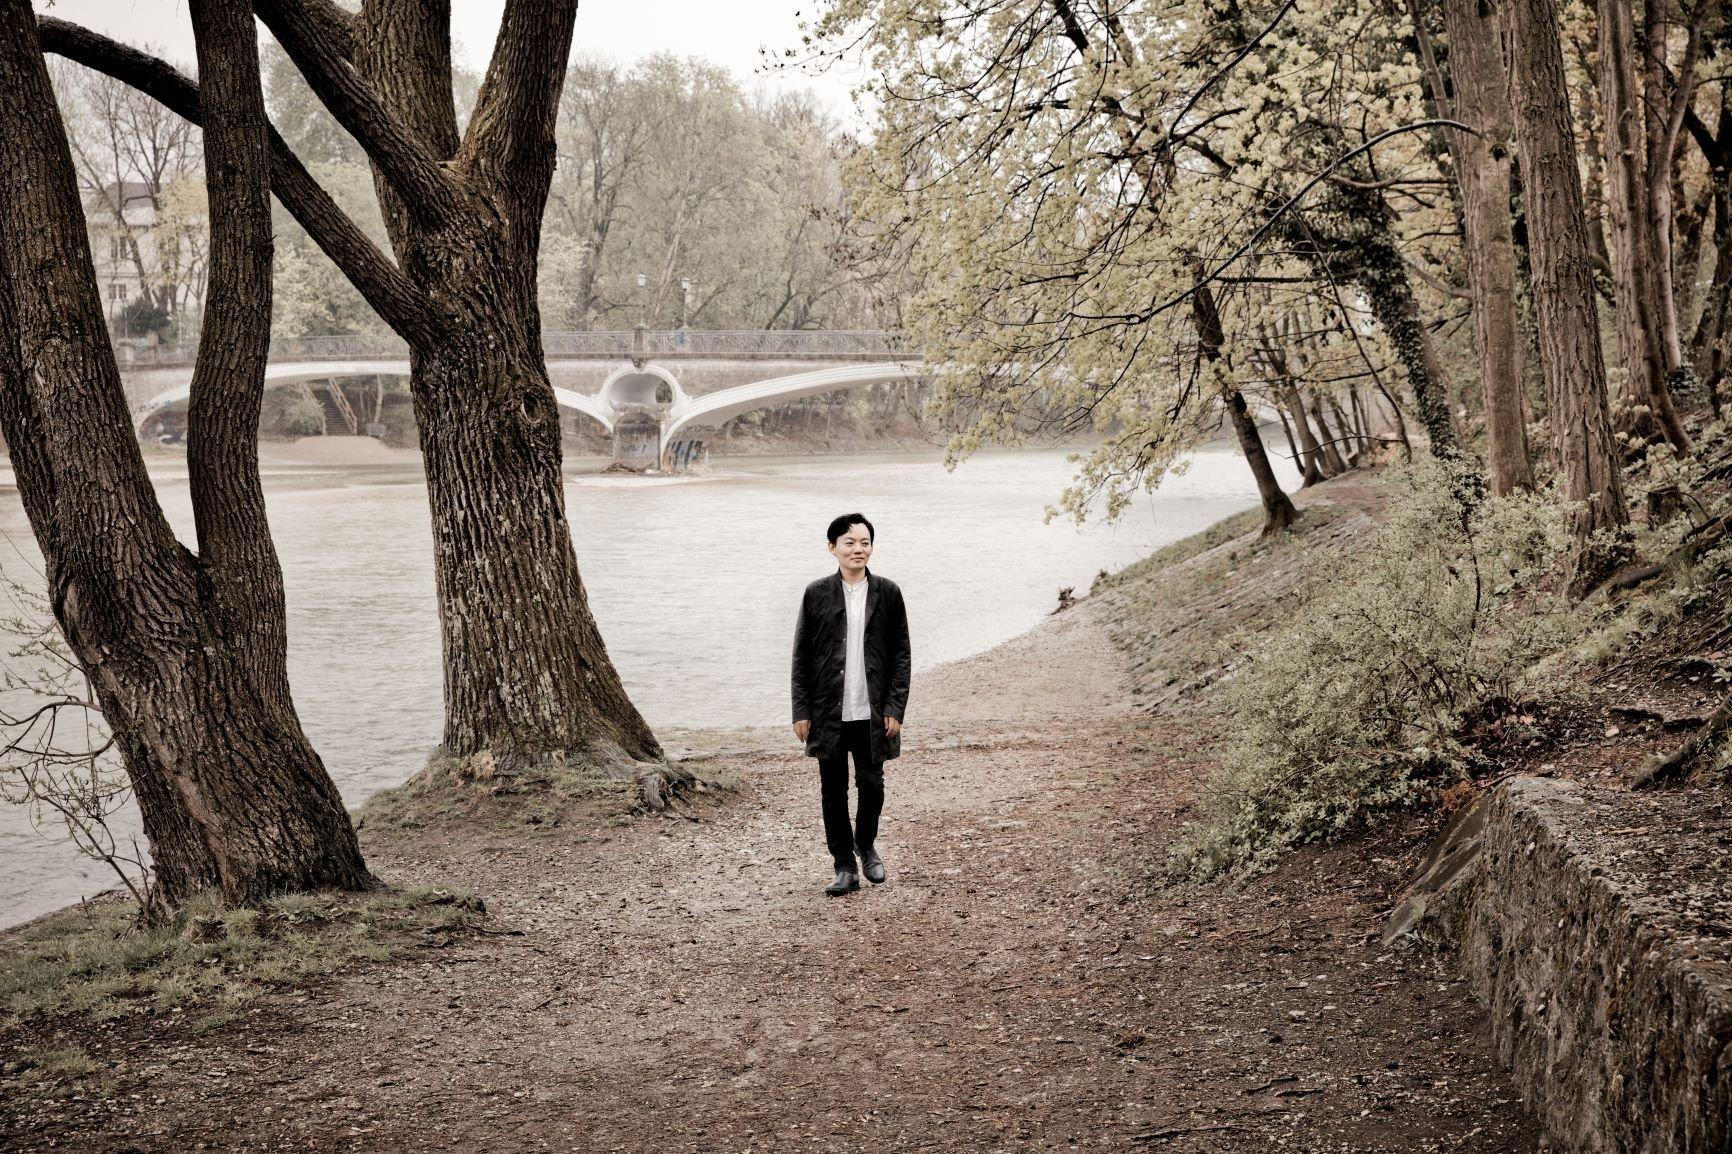 Der Pianist William Youn läuft im weißen Hemd und schwarzer Jacke am Ufer eines Flusses entlang.